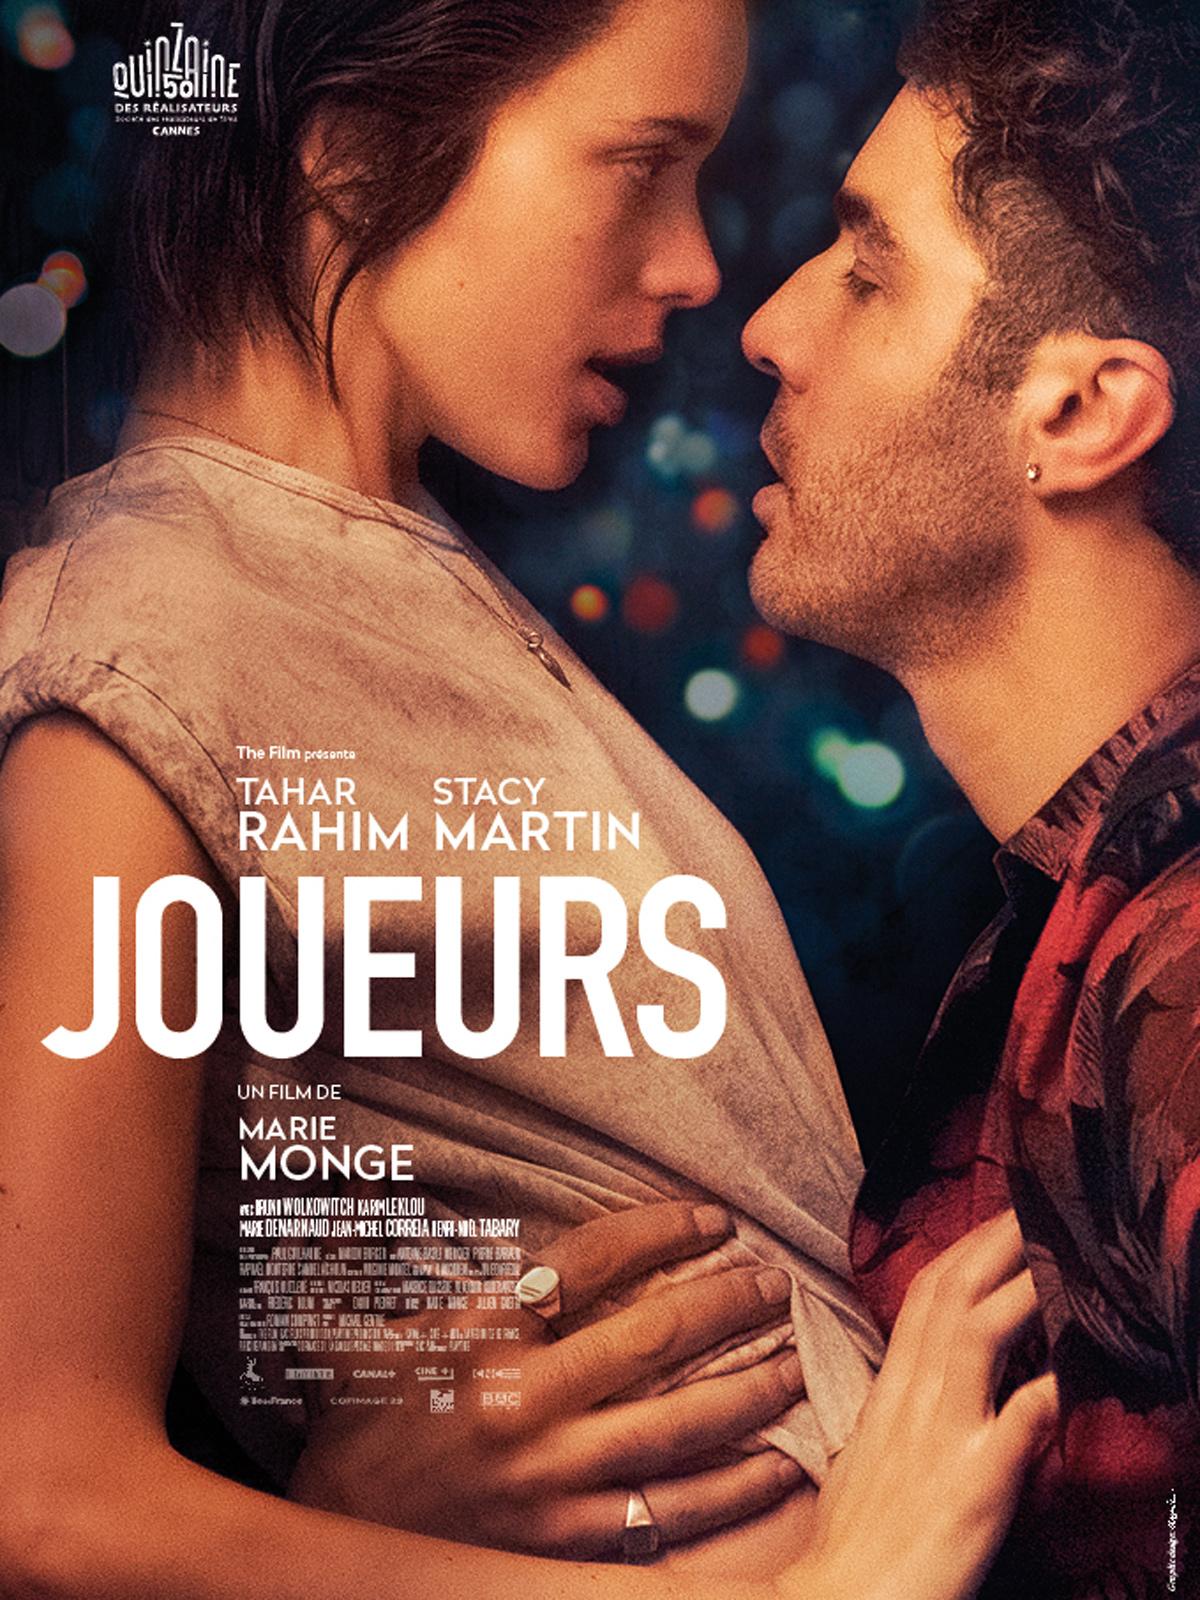 JOUEURS de Marie Monge